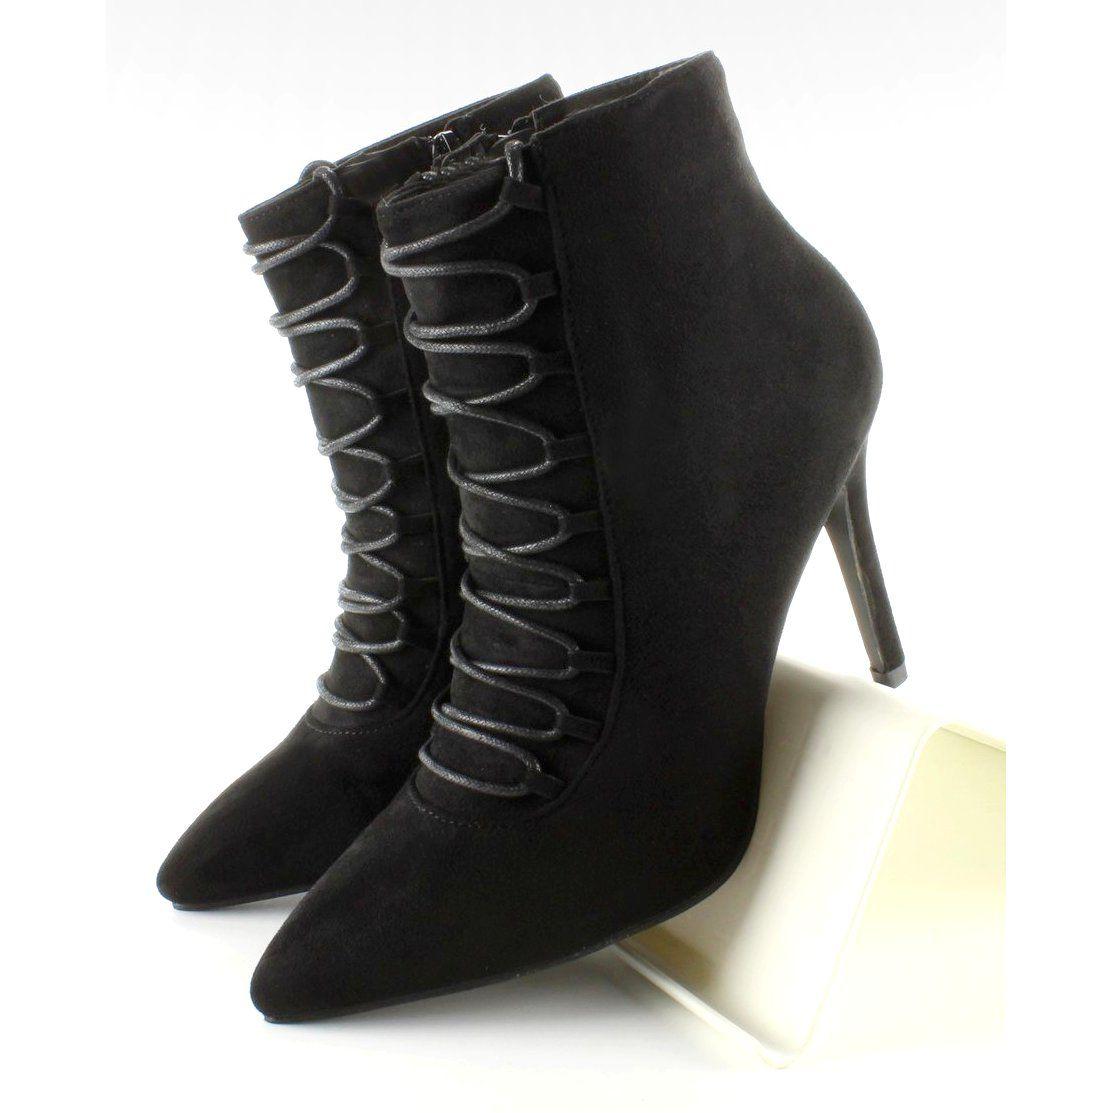 Botki Damskie Obuwiedamskie Czarne Botki Sznurowane Na Szpilce 100 595se 1 Obuwie Damskie Heels High Heels Stiletto